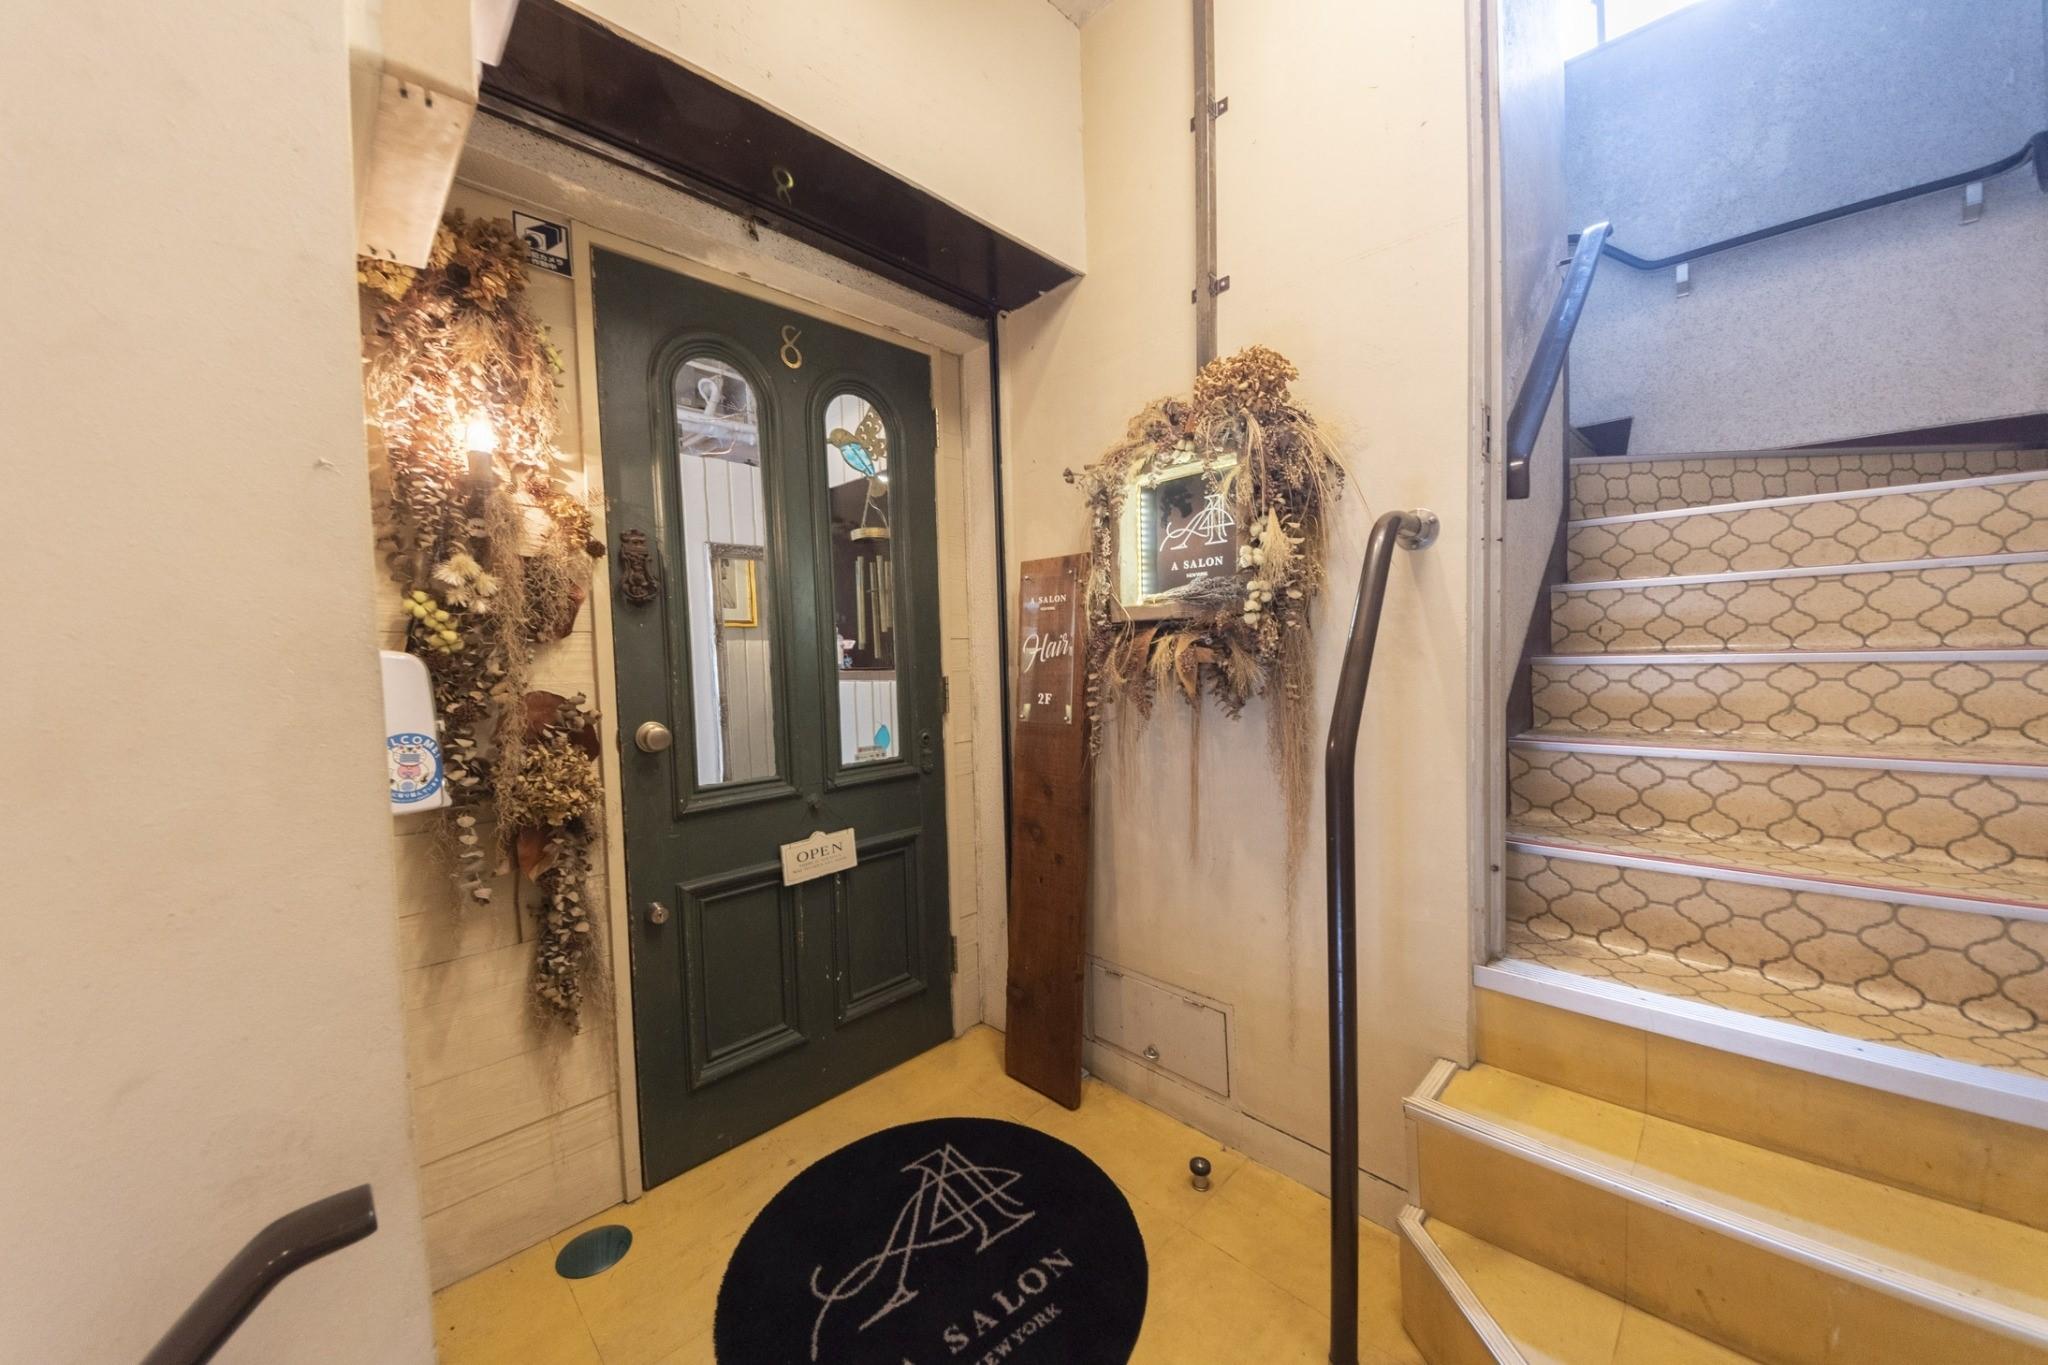 Hair Salon A Salon New York Navigate Nagasaki